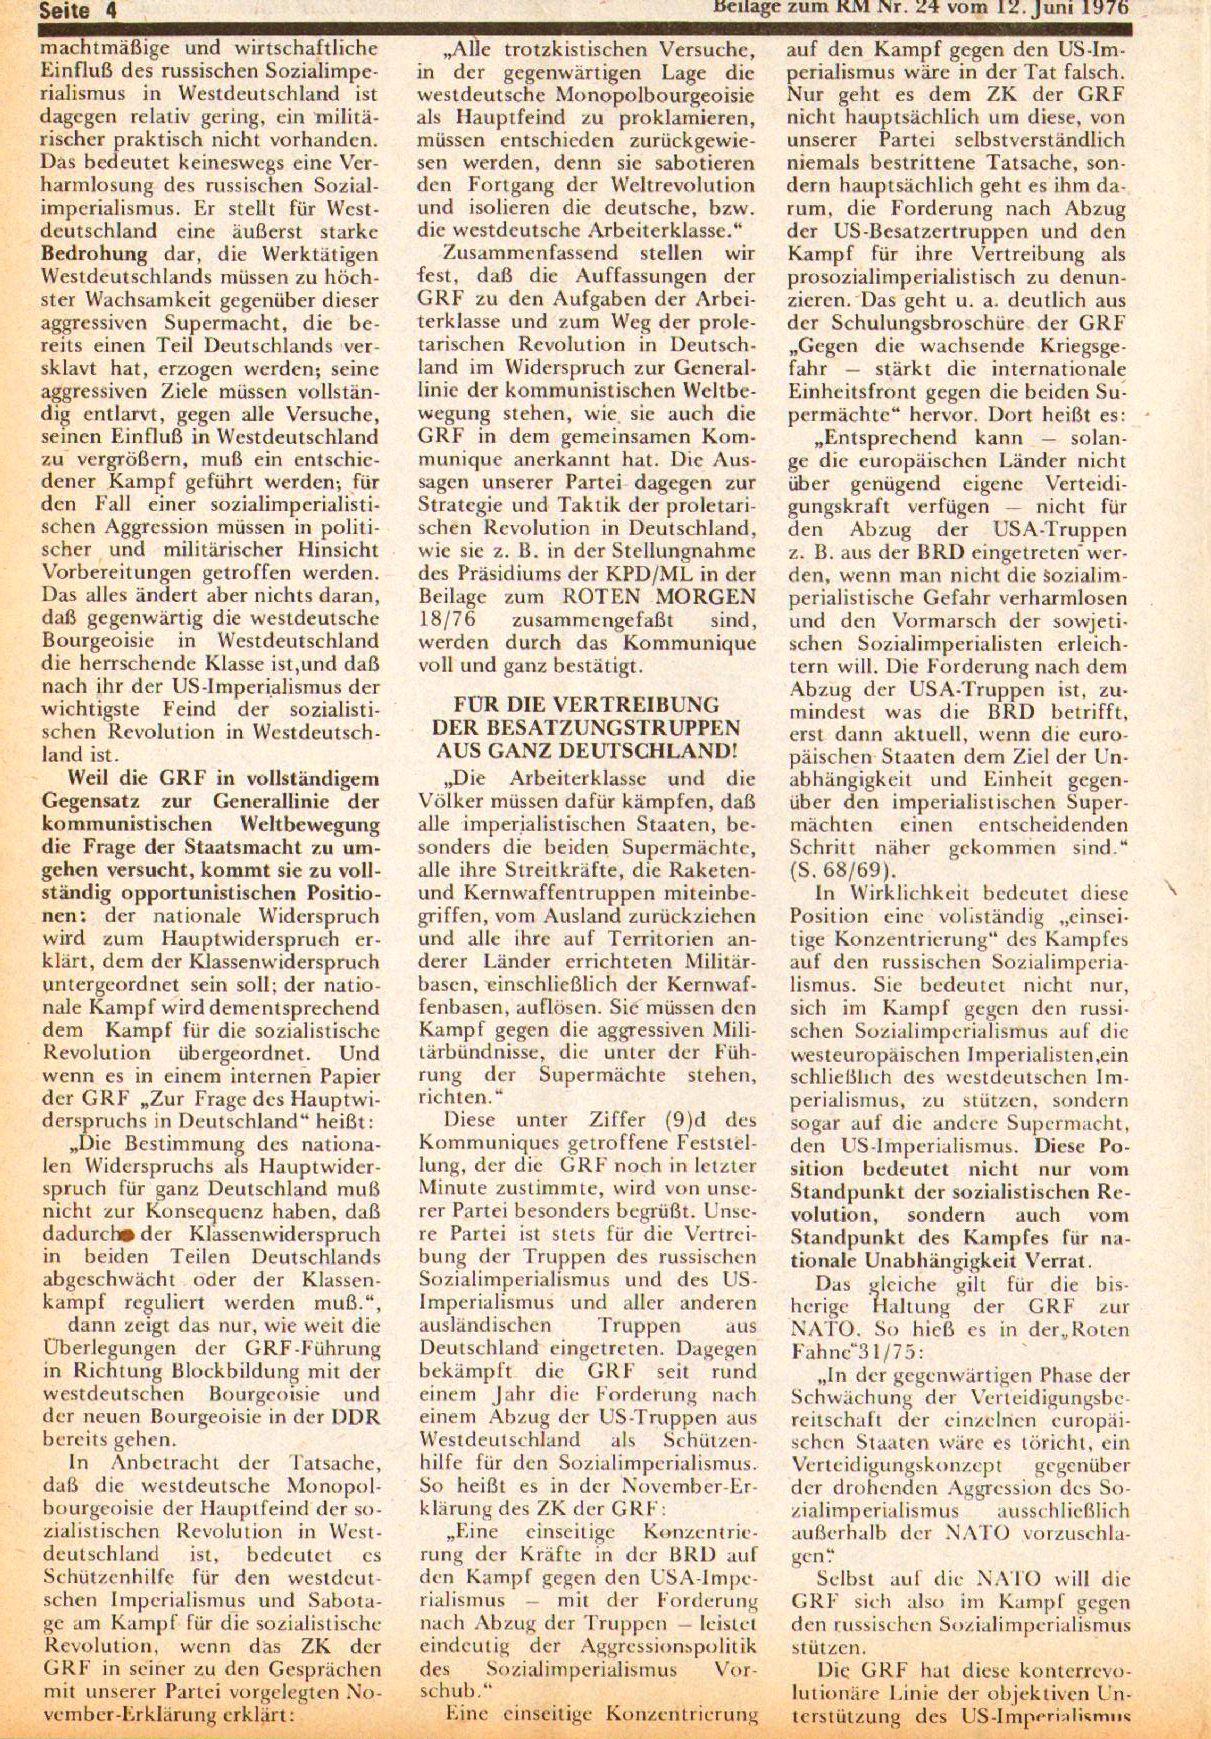 Roter Morgen, 10. Jg., 12. Juni 1976, Beilage: Zum Kommumique, Seite 4